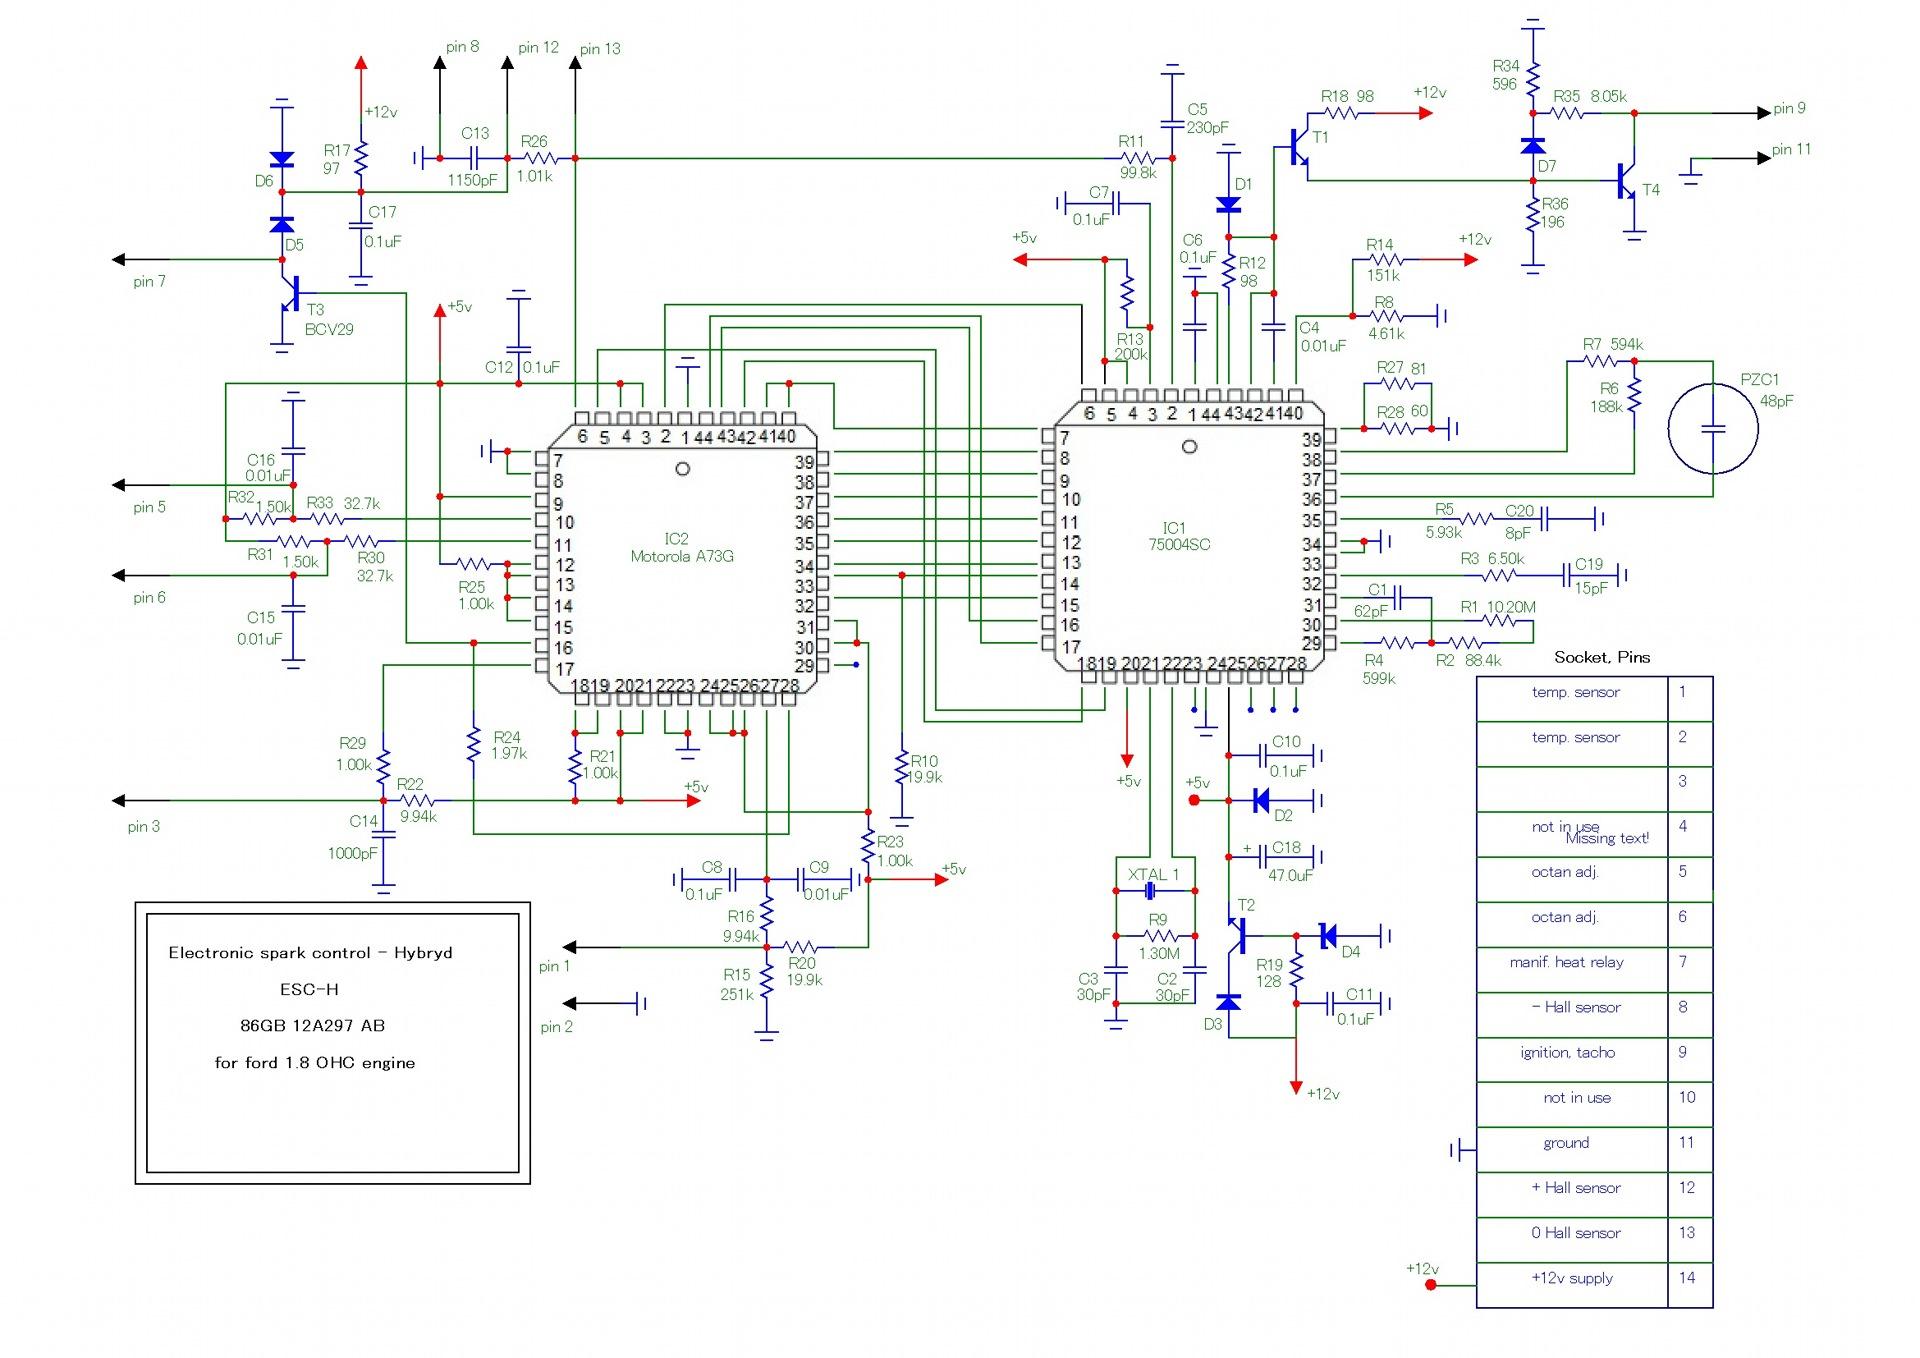 моторкрафт 86gb-12a297-a8 схема